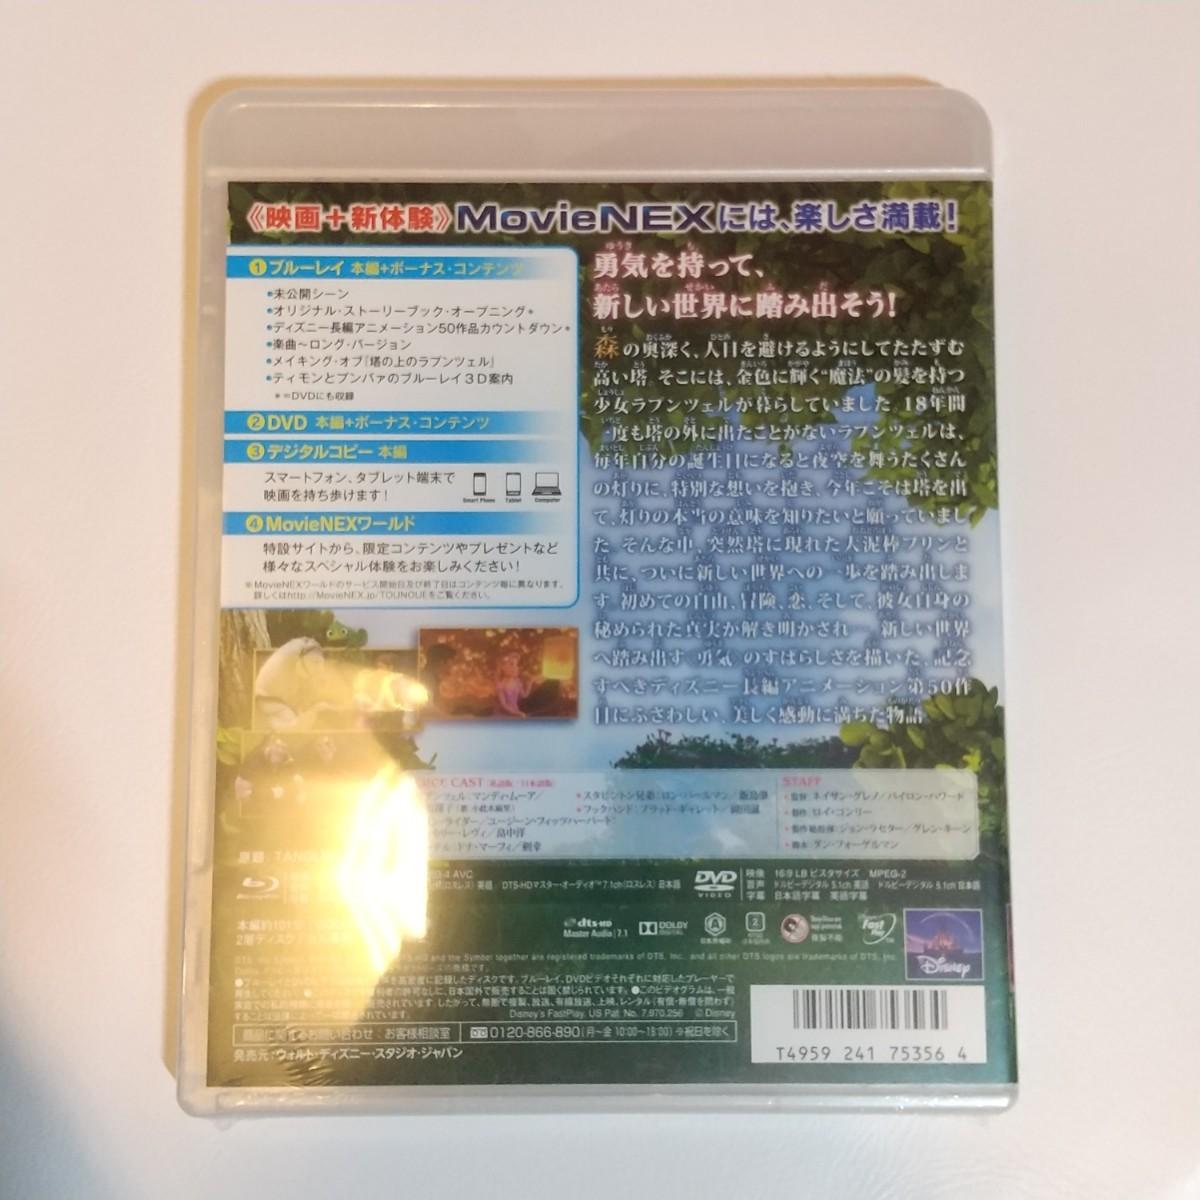 新品未開封 ディズニー  塔の上のラプンツェル  MovieNEX ブルーレイ+DVD+デジタルコピー Blu-ray